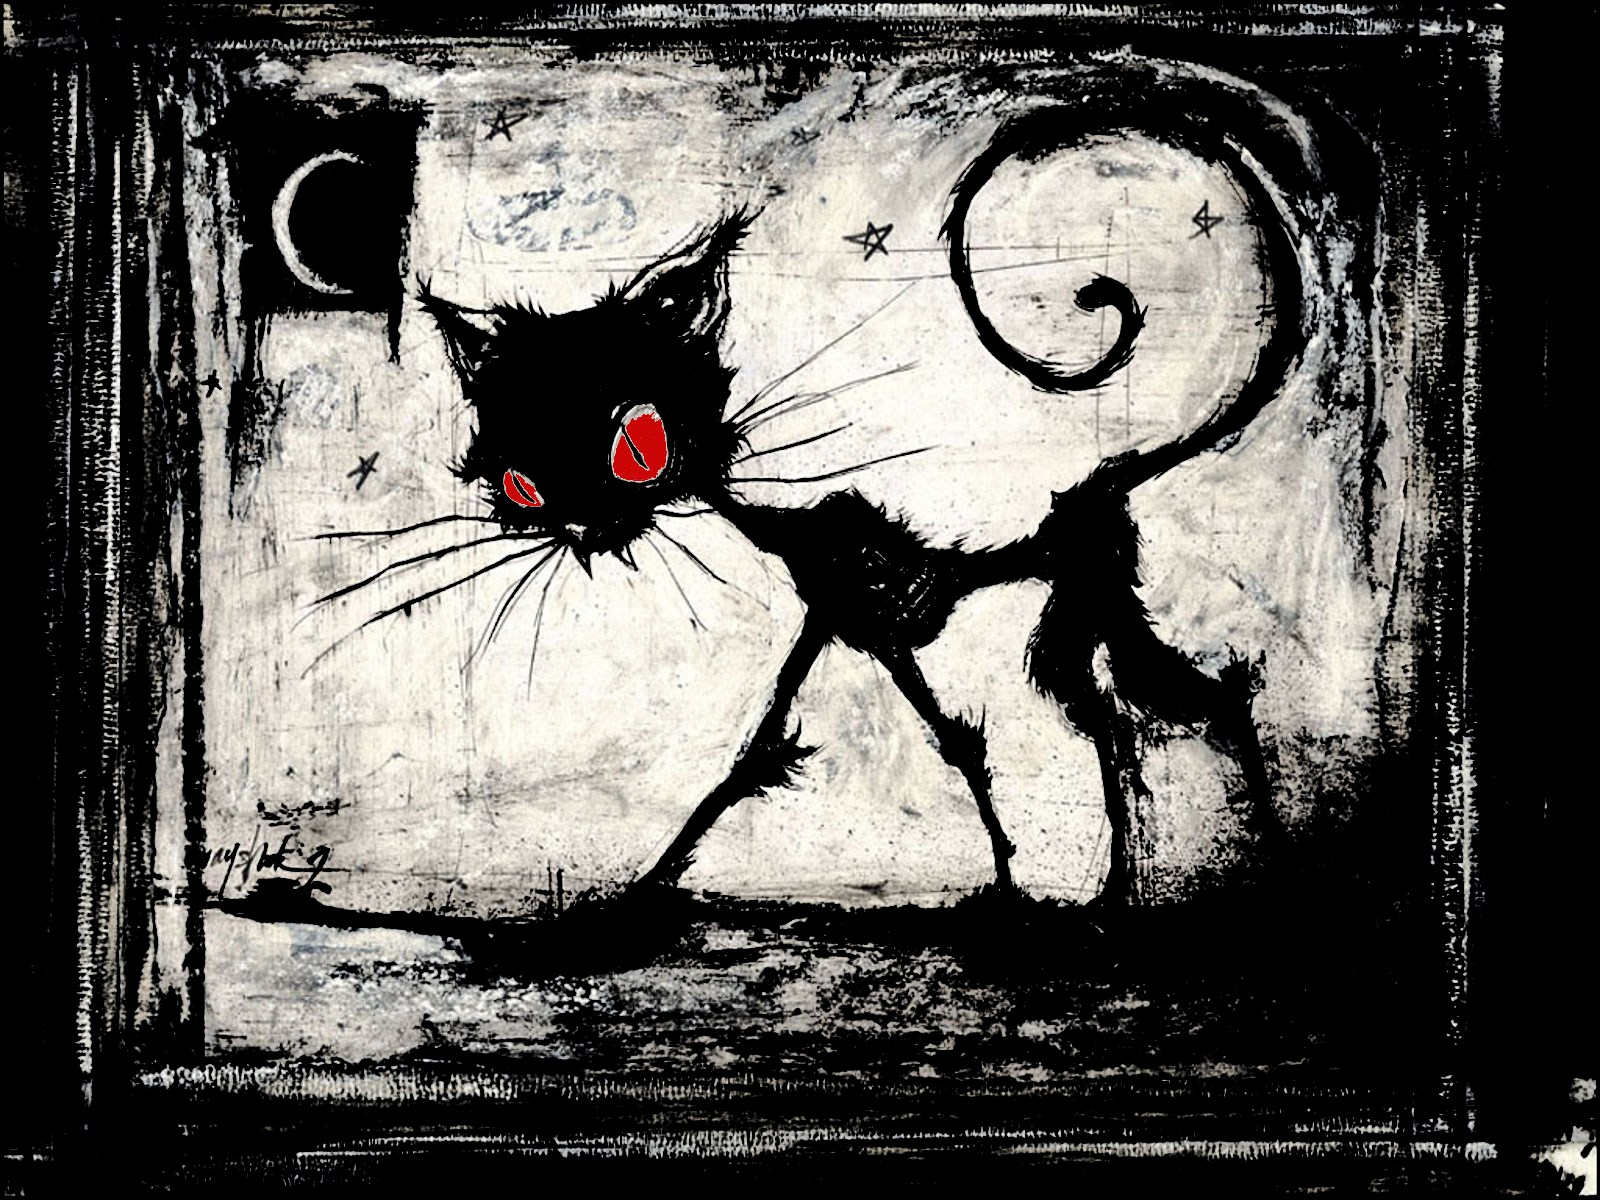 Télécharger fonds d'écran a gothic cat gratuitement